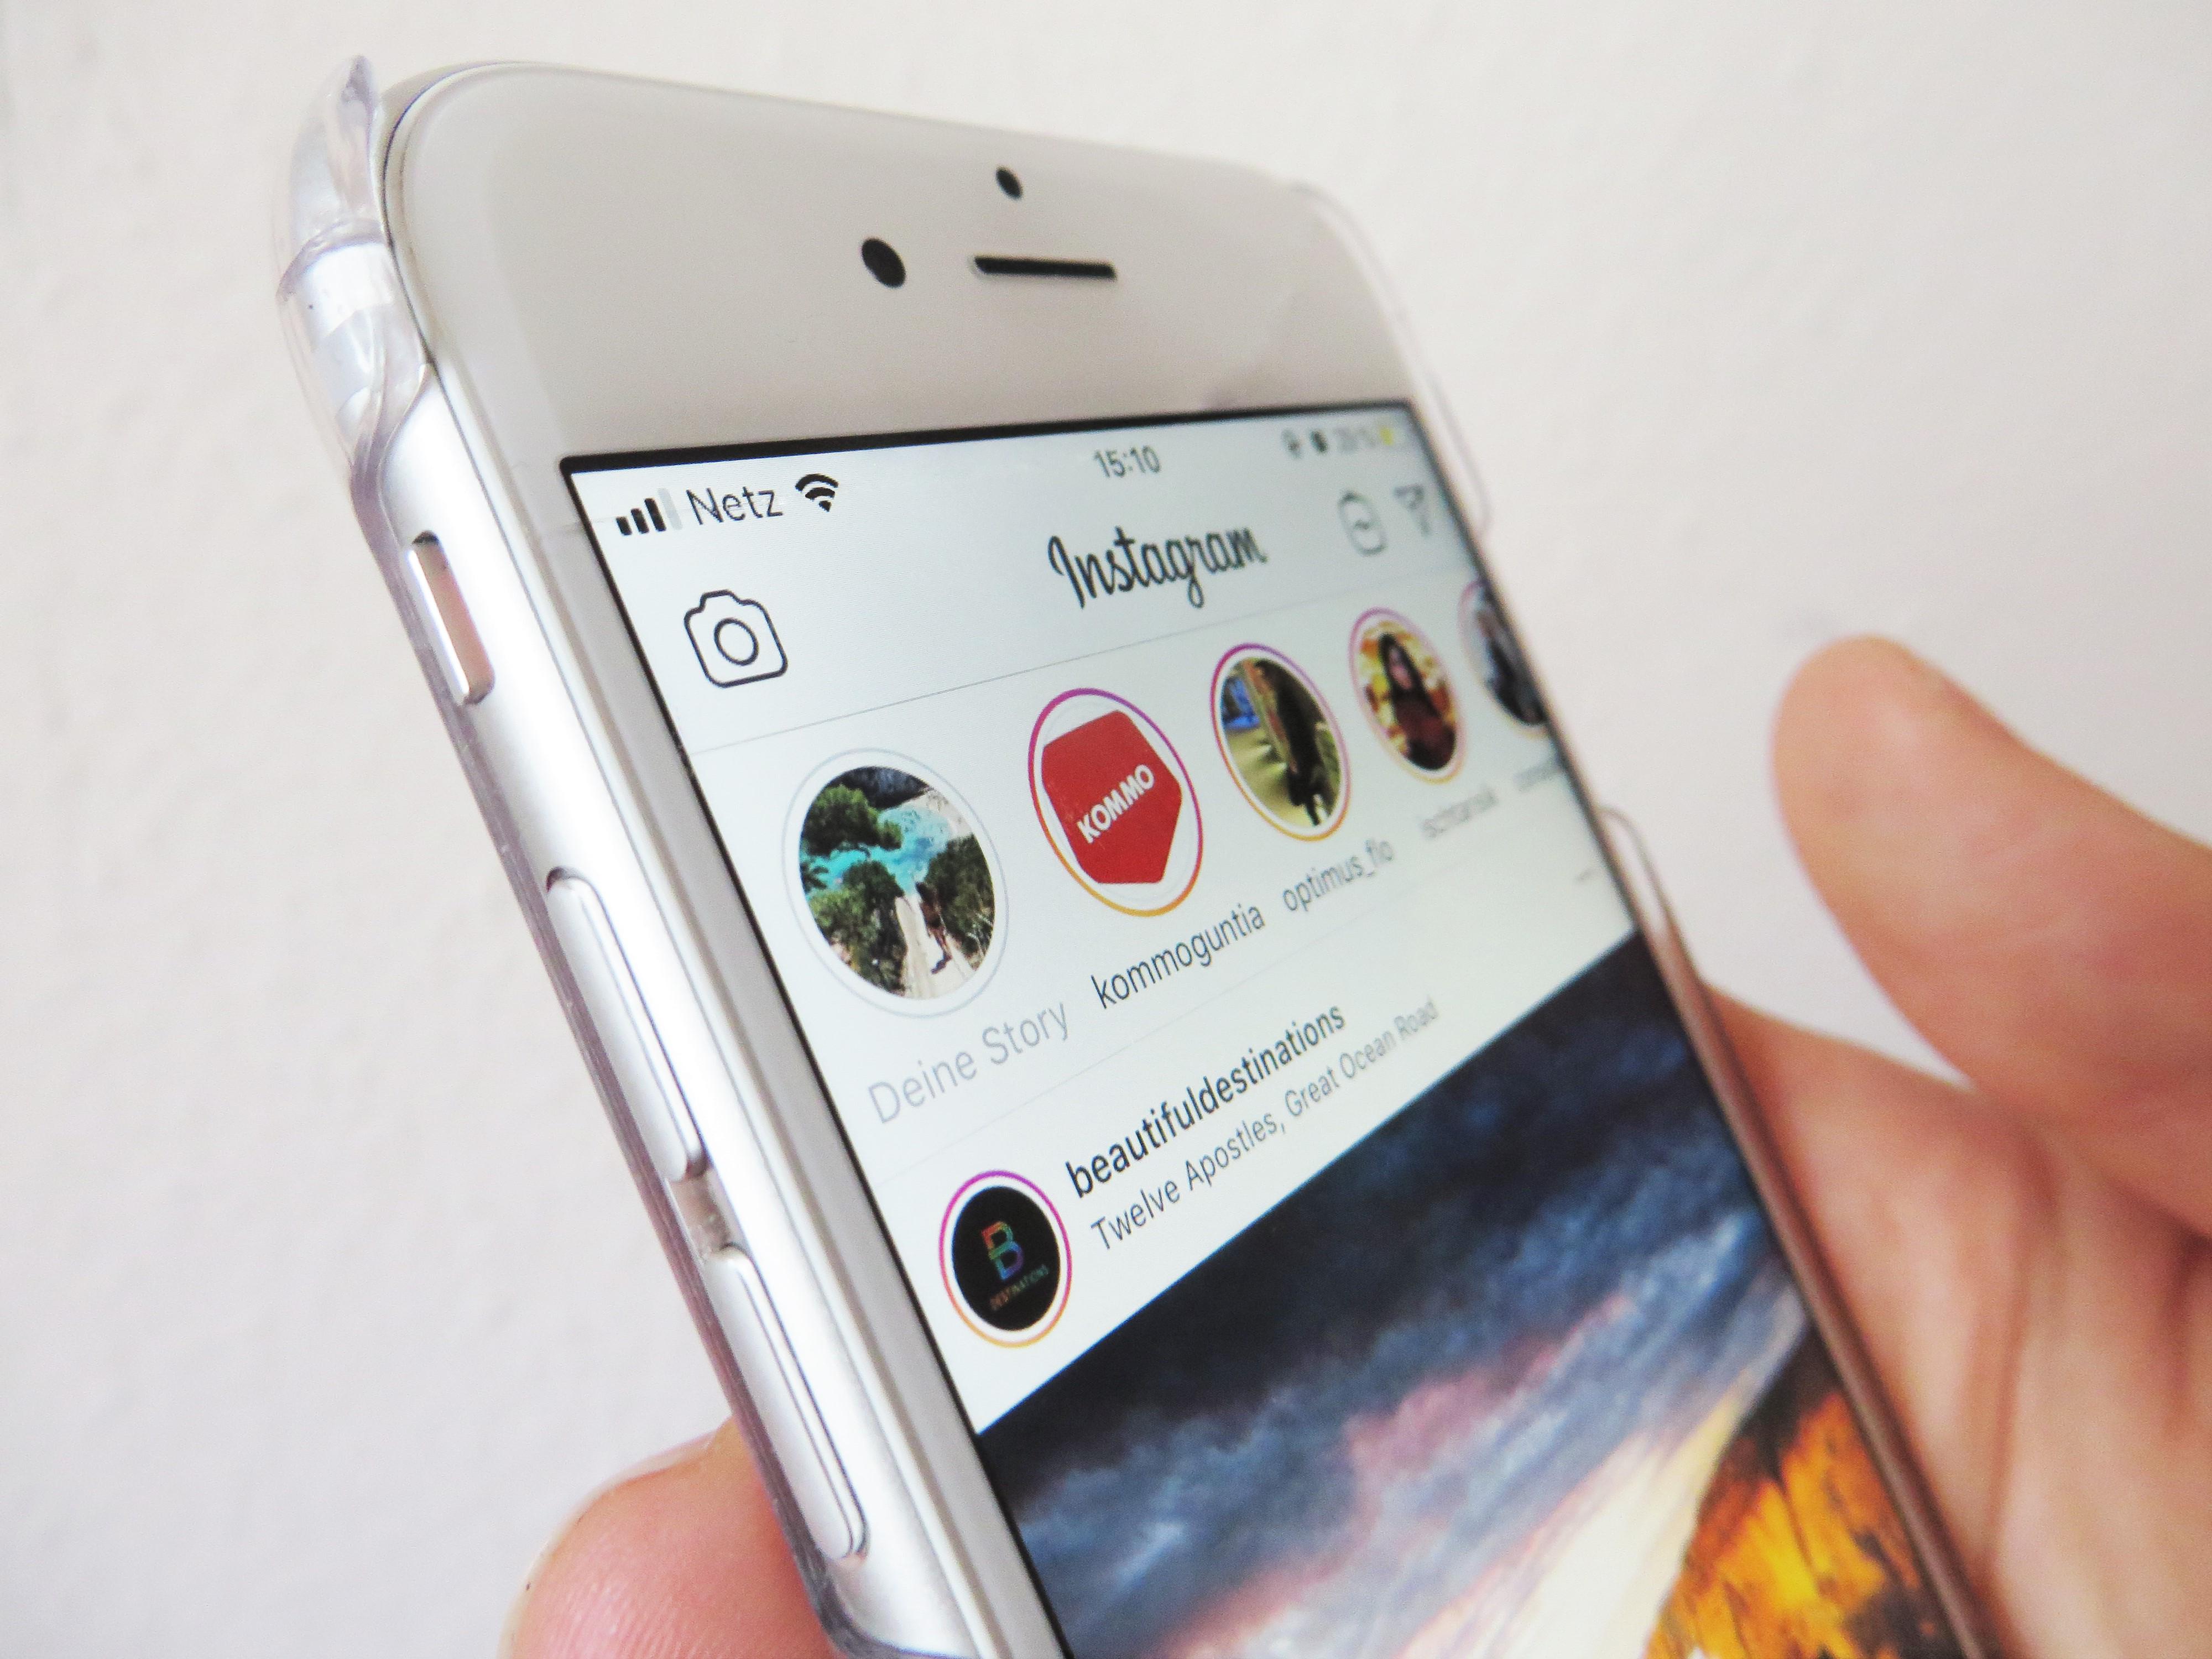 Instagram Storyleiste auf einem Smartphone zu sehen.